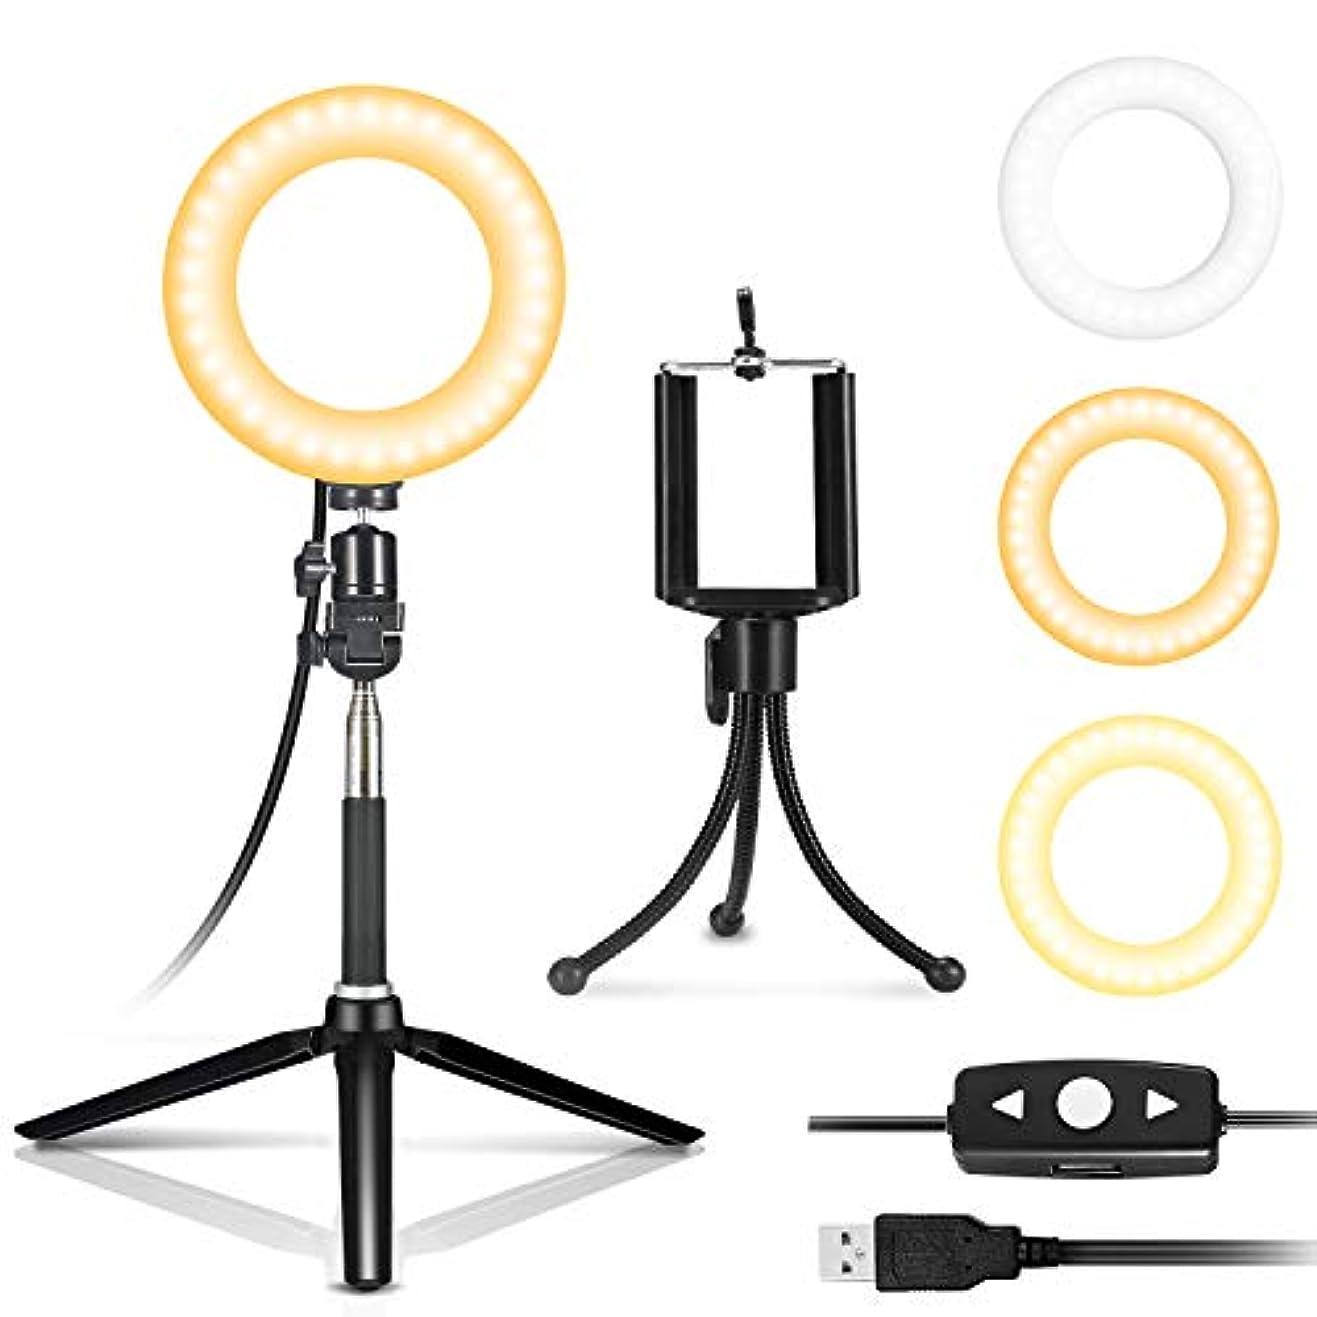 れる南方の幻想的IDESION 自撮り補助セルフィー LEDライト ミラー 女優ライト 6インチ円形 3色調節可能 リモコン付き ハリウッドライト USB給電 日本語説明書付き